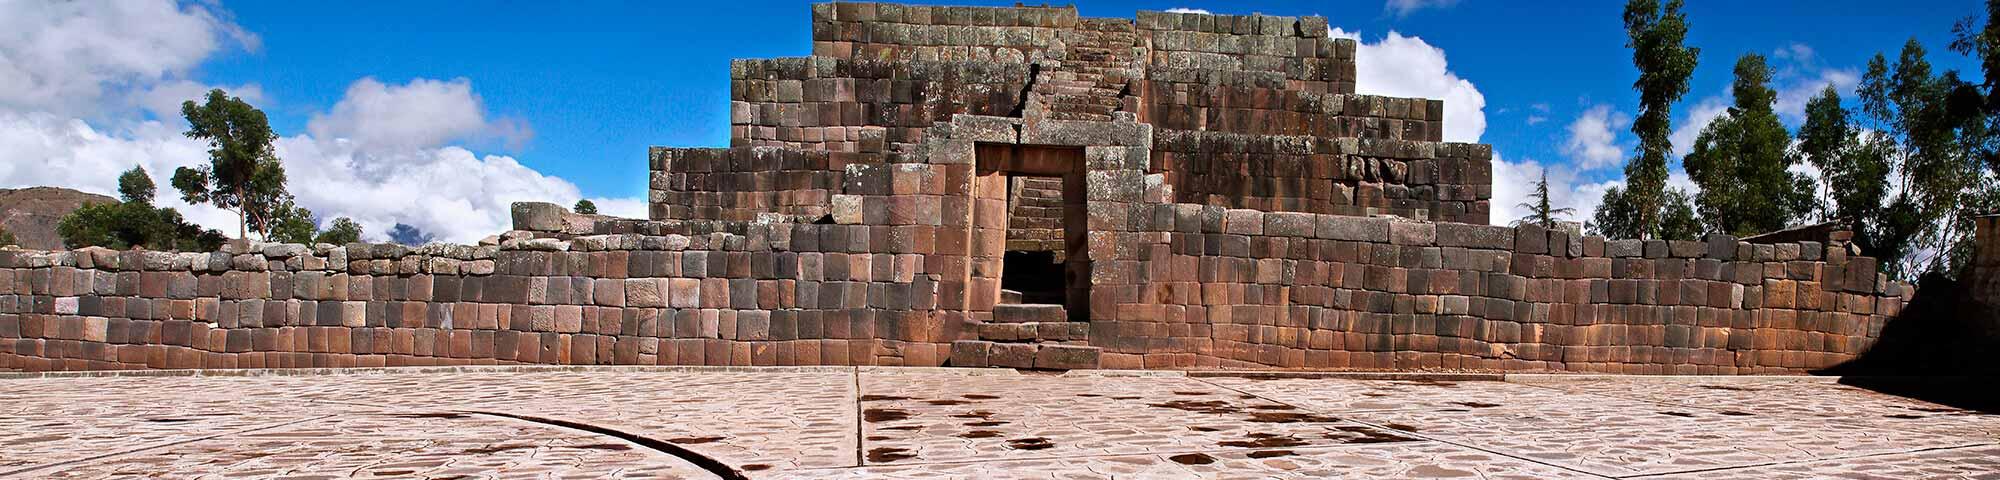 Complejo arqueológico de Vilcashuamán, complejo arqueológico de Pumacocha o Intiwatana